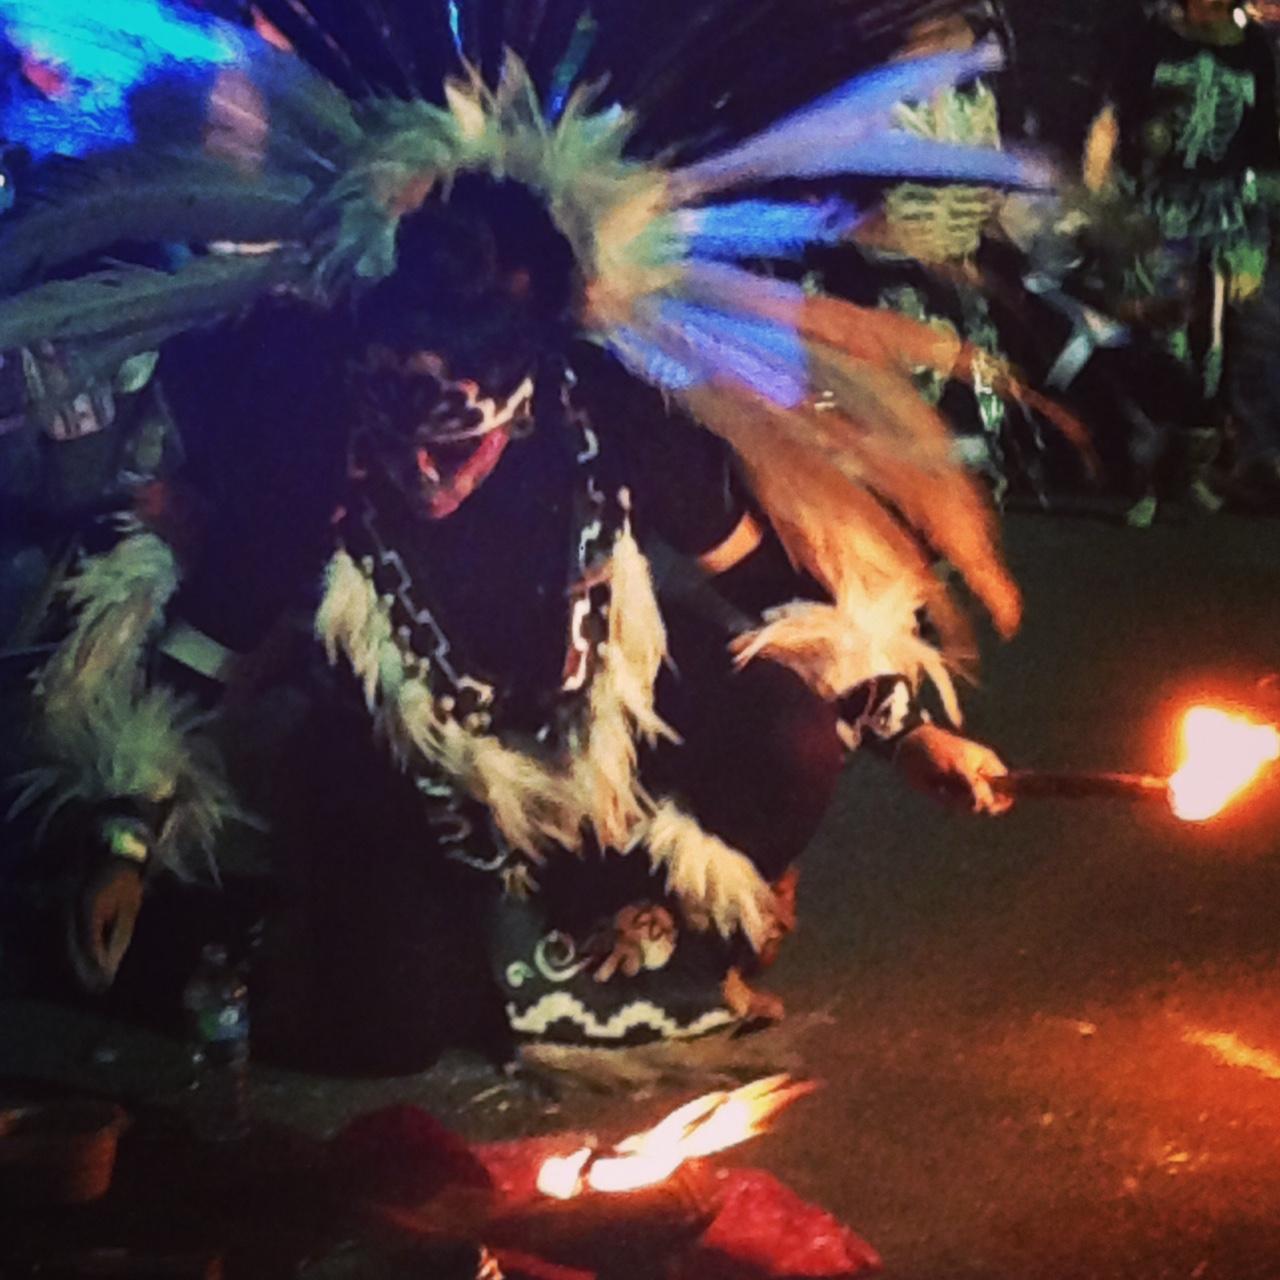 Aztec Fire Eater at Dia de Los Muertos